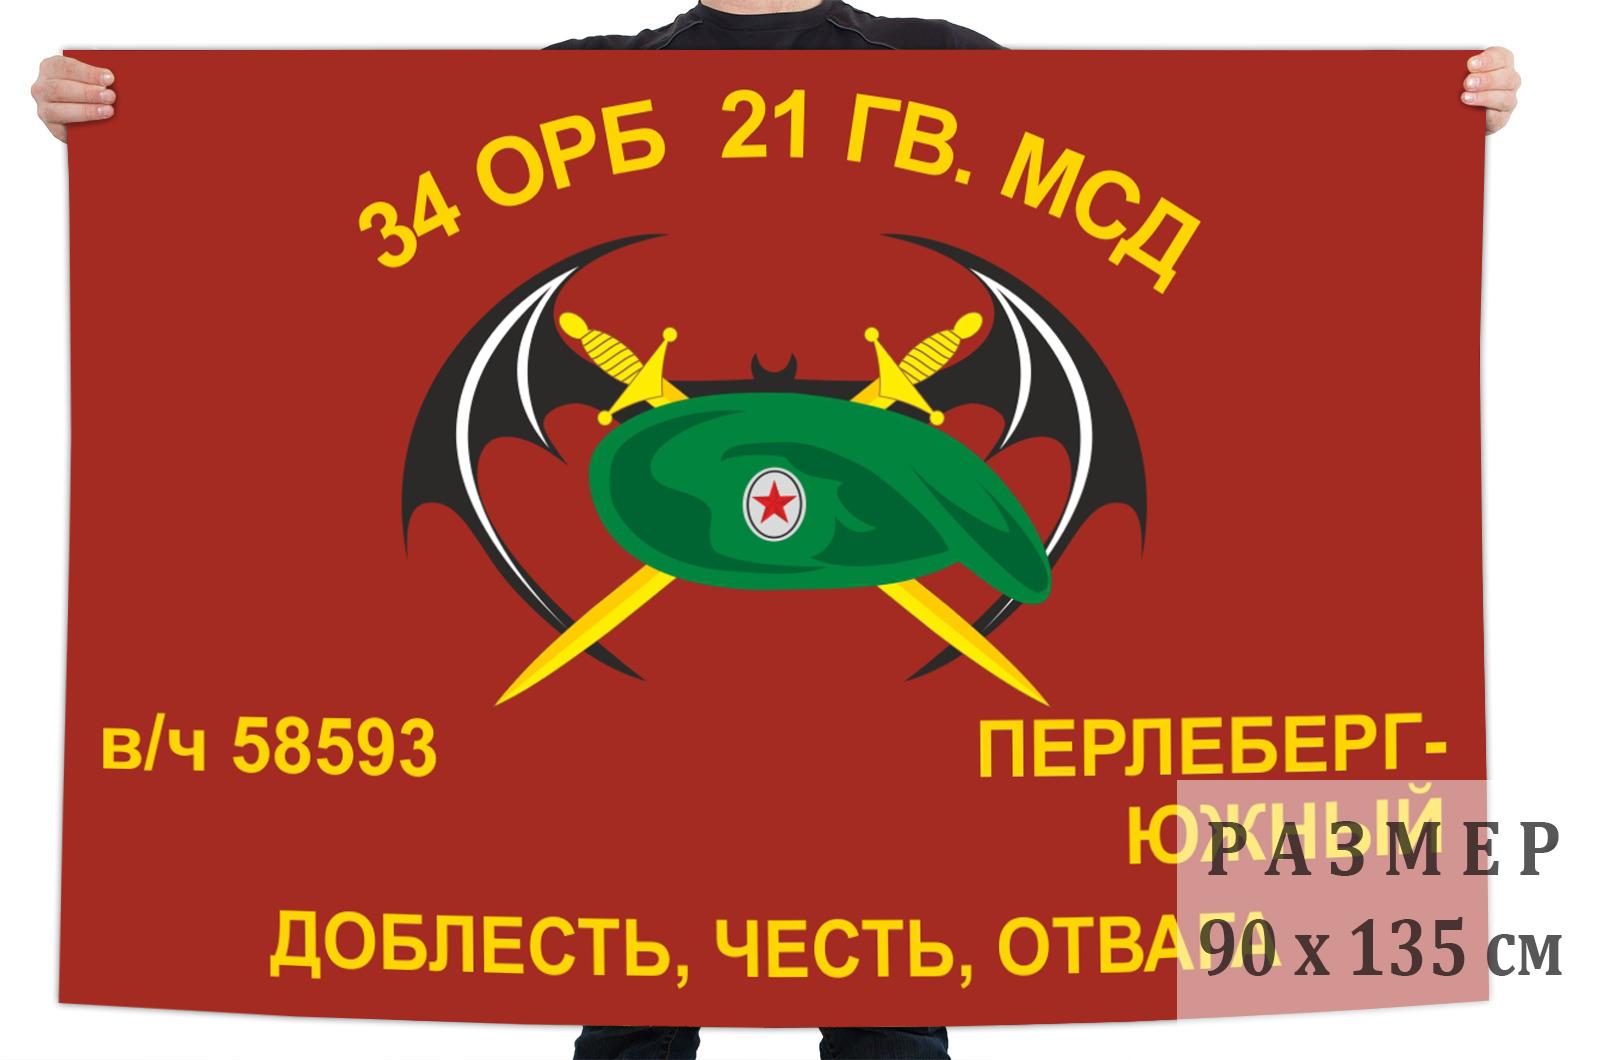 Флаг 34 отдельного разведывательного батальона 21 гвардейской МСД